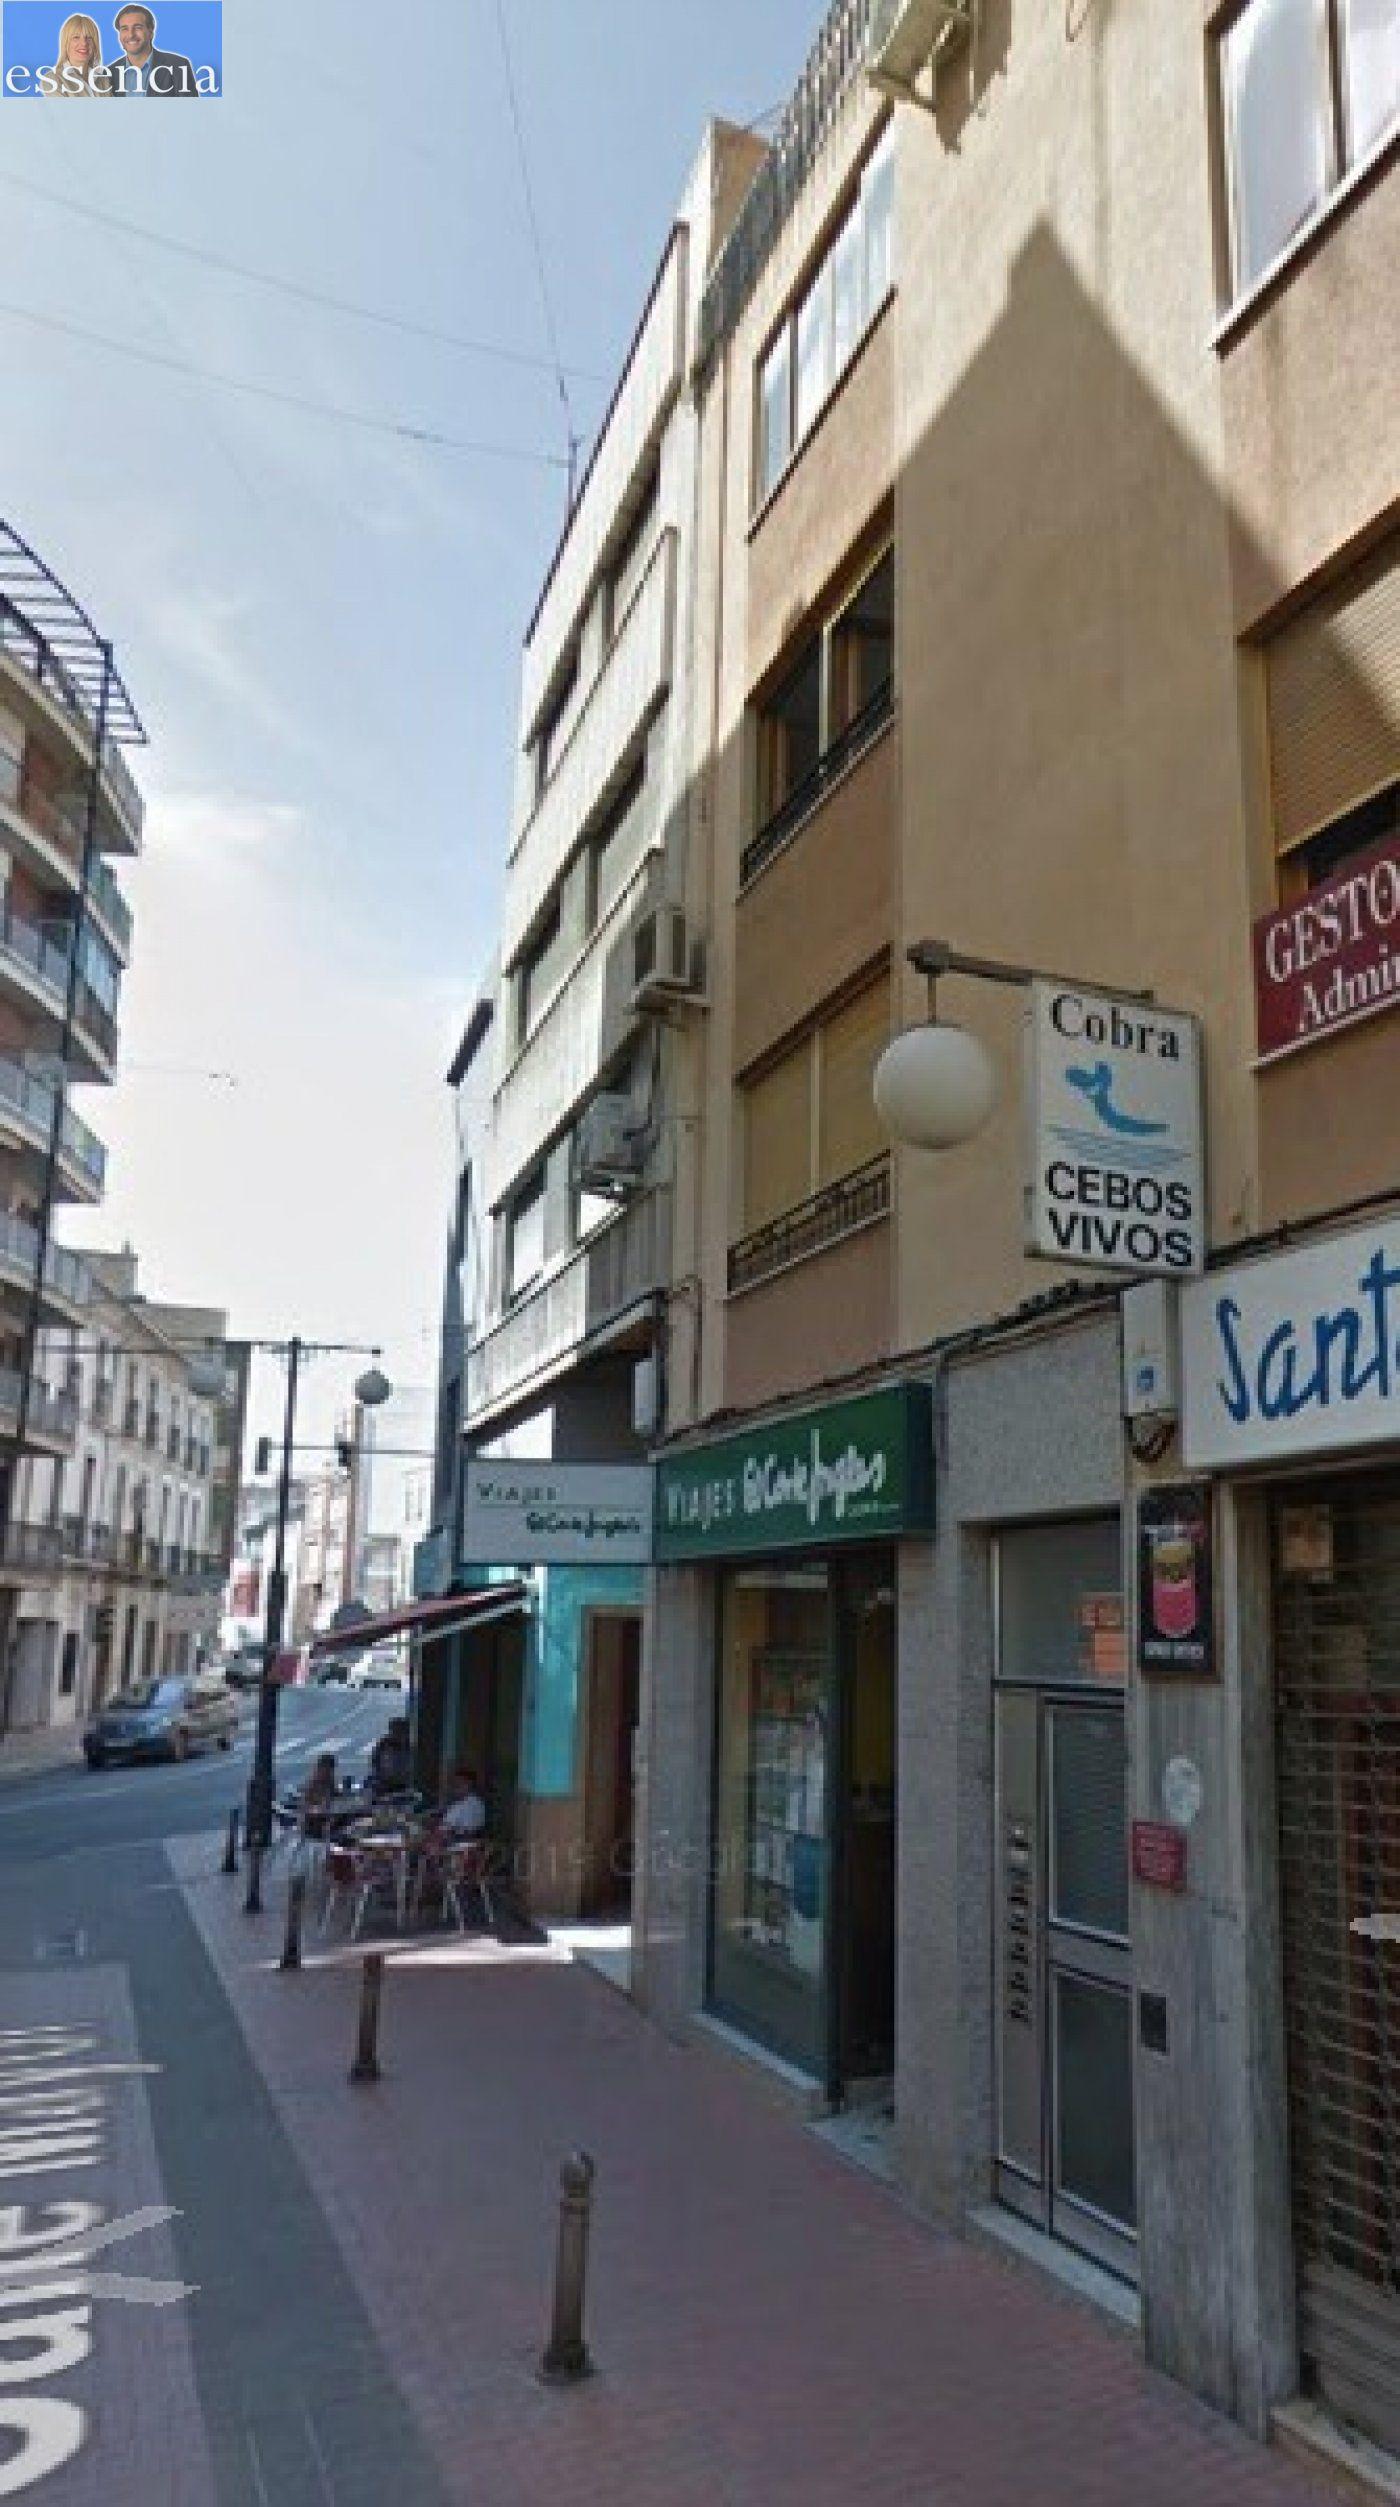 Piso en venta en calle mayor, 1º, 46780, oliva (valencia) - imagenInmueble7